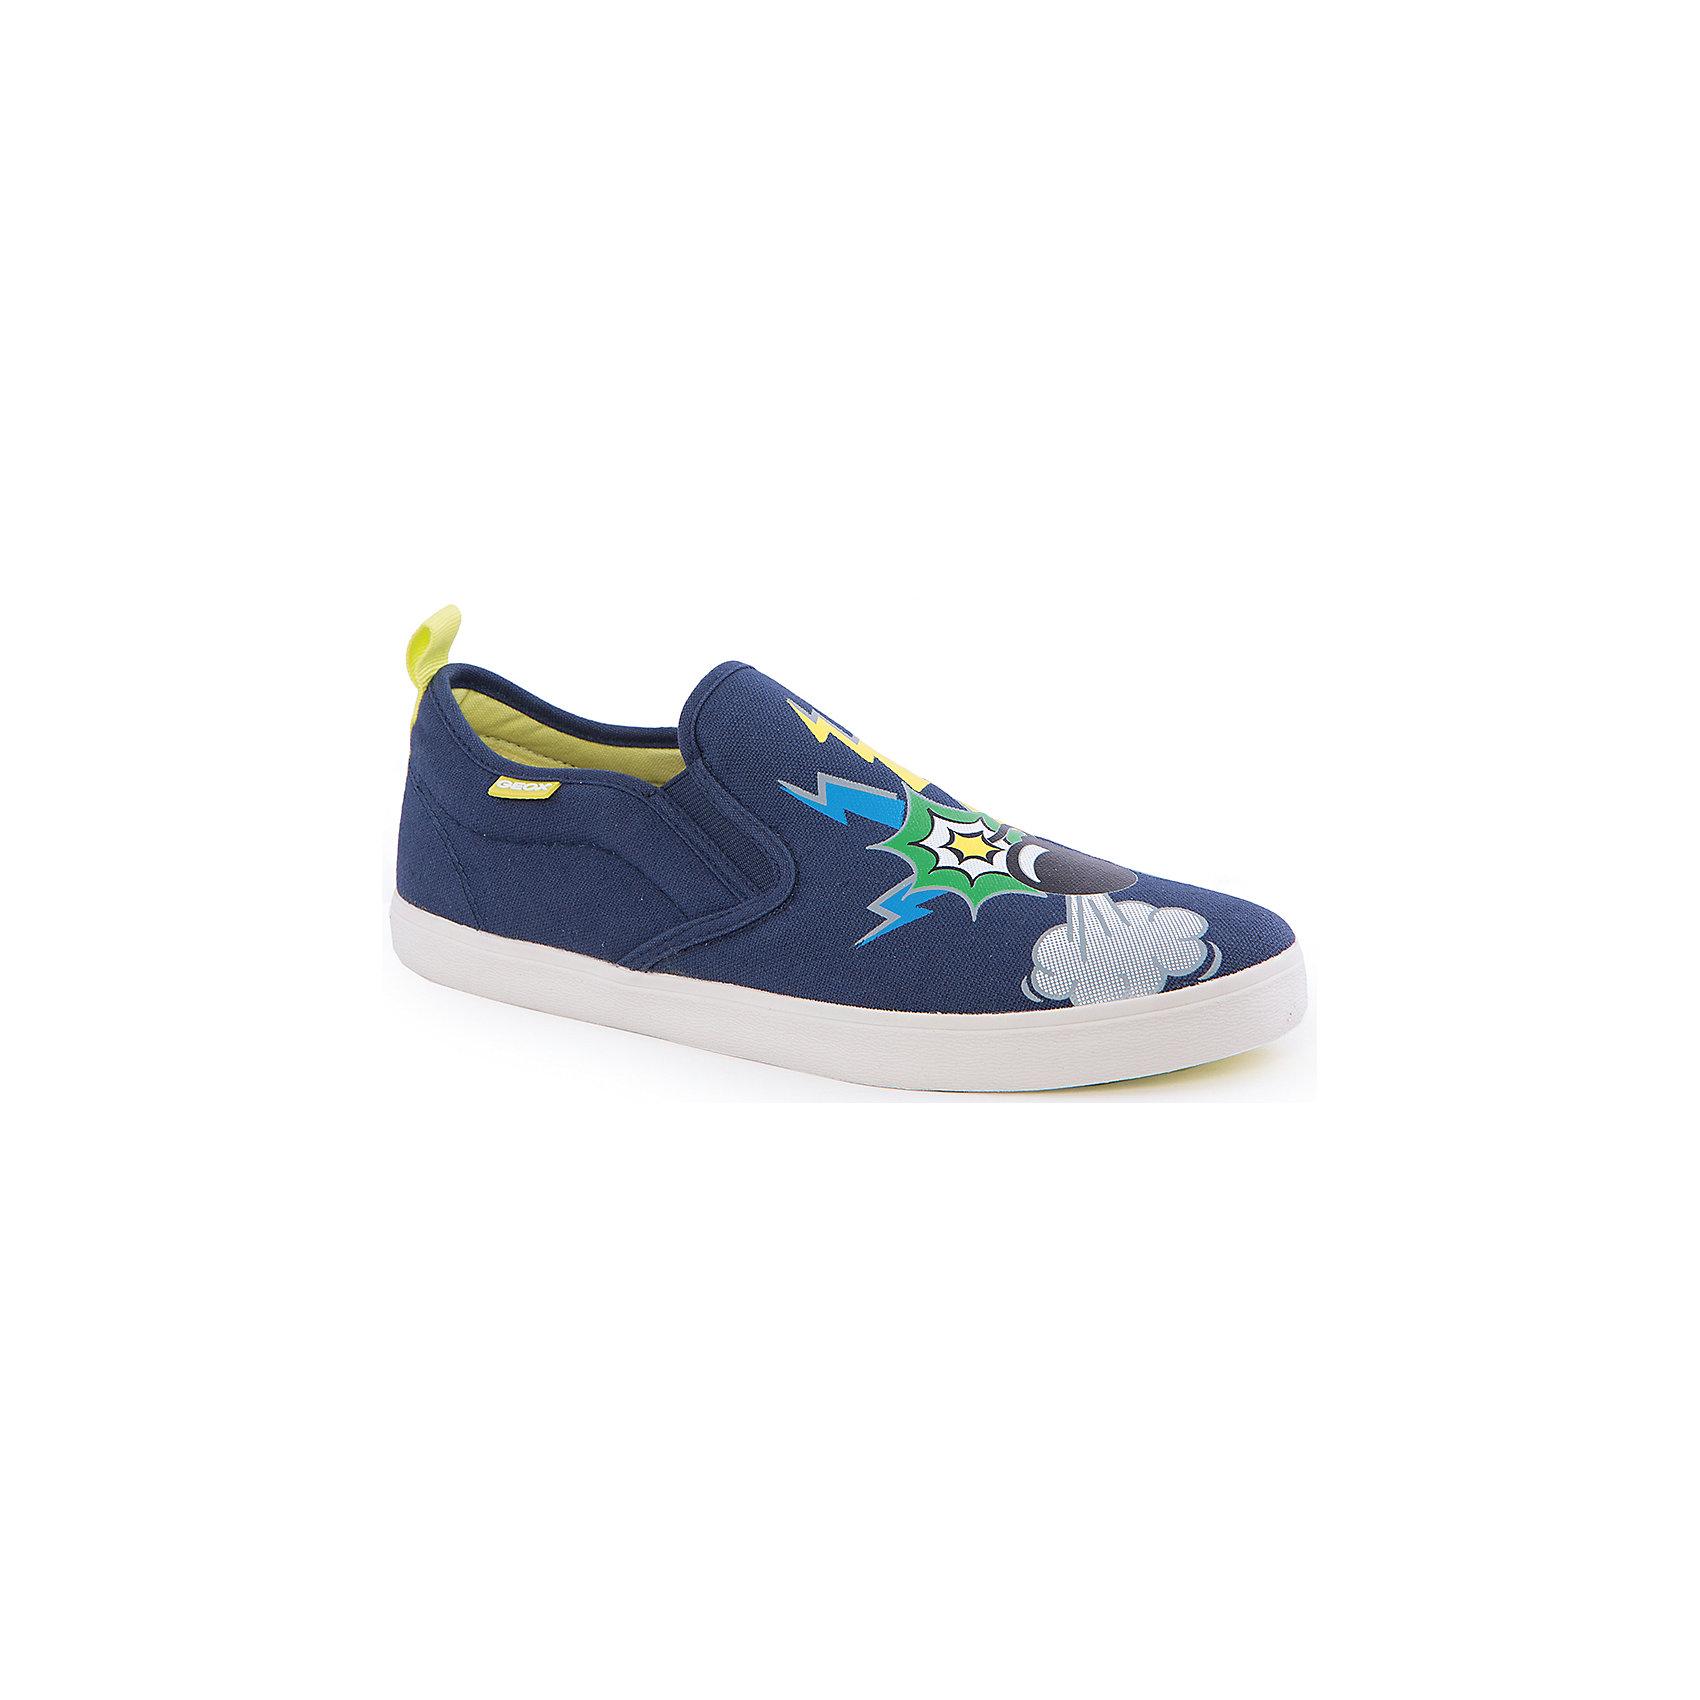 Слипоны для мальчиков GeoxСлипоны<br>Слипоны для мальчика от популярной марки GEOX (Геокс).<br><br>Синие легкие Слипоны с принтом - отличная обувь для нового весеннего сезона. Модель очень стильно и оригинально смотрится.<br>Производитель обуви заботится не только о внешнем виде, но и стабильно высоком качестве продукции. GEOX (Геокс) разработал специальную дышащую подошву, которая не пропускает влагу внутрь, а также высокотехнологичную стельку.<br><br>Отличительные особенности модели:<br><br>- цвет: темно-синий;<br>- декорированы принтом;<br>- гибкая водоотталкивающая подошва с дышащей мембраной;<br>- мягкий и легкий верх;<br>- стильный дизайн;<br>- без застежек;<br>- комфортное облегание;<br>- верх обуви и подкладка сделаны без использования хрома.<br><br>Дополнительная информация:<br><br>- Температурный режим: от +10° С до 25° С.<br><br>- Состав:<br><br>материал верха: текстиль<br>материал подкладки: текстиль<br>подошва: 100% резина<br><br>Слипоны для мальчика GEOX (Геокс) (Геокс) можно купить в нашем магазине.<br><br>Ширина мм: 250<br>Глубина мм: 150<br>Высота мм: 150<br>Вес г: 250<br>Цвет: синий<br>Возраст от месяцев: 156<br>Возраст до месяцев: 1188<br>Пол: Мужской<br>Возраст: Детский<br>Размер: 38,28,39,37,26,27,36,35,34,33,32,31,30,29<br>SKU: 4519554